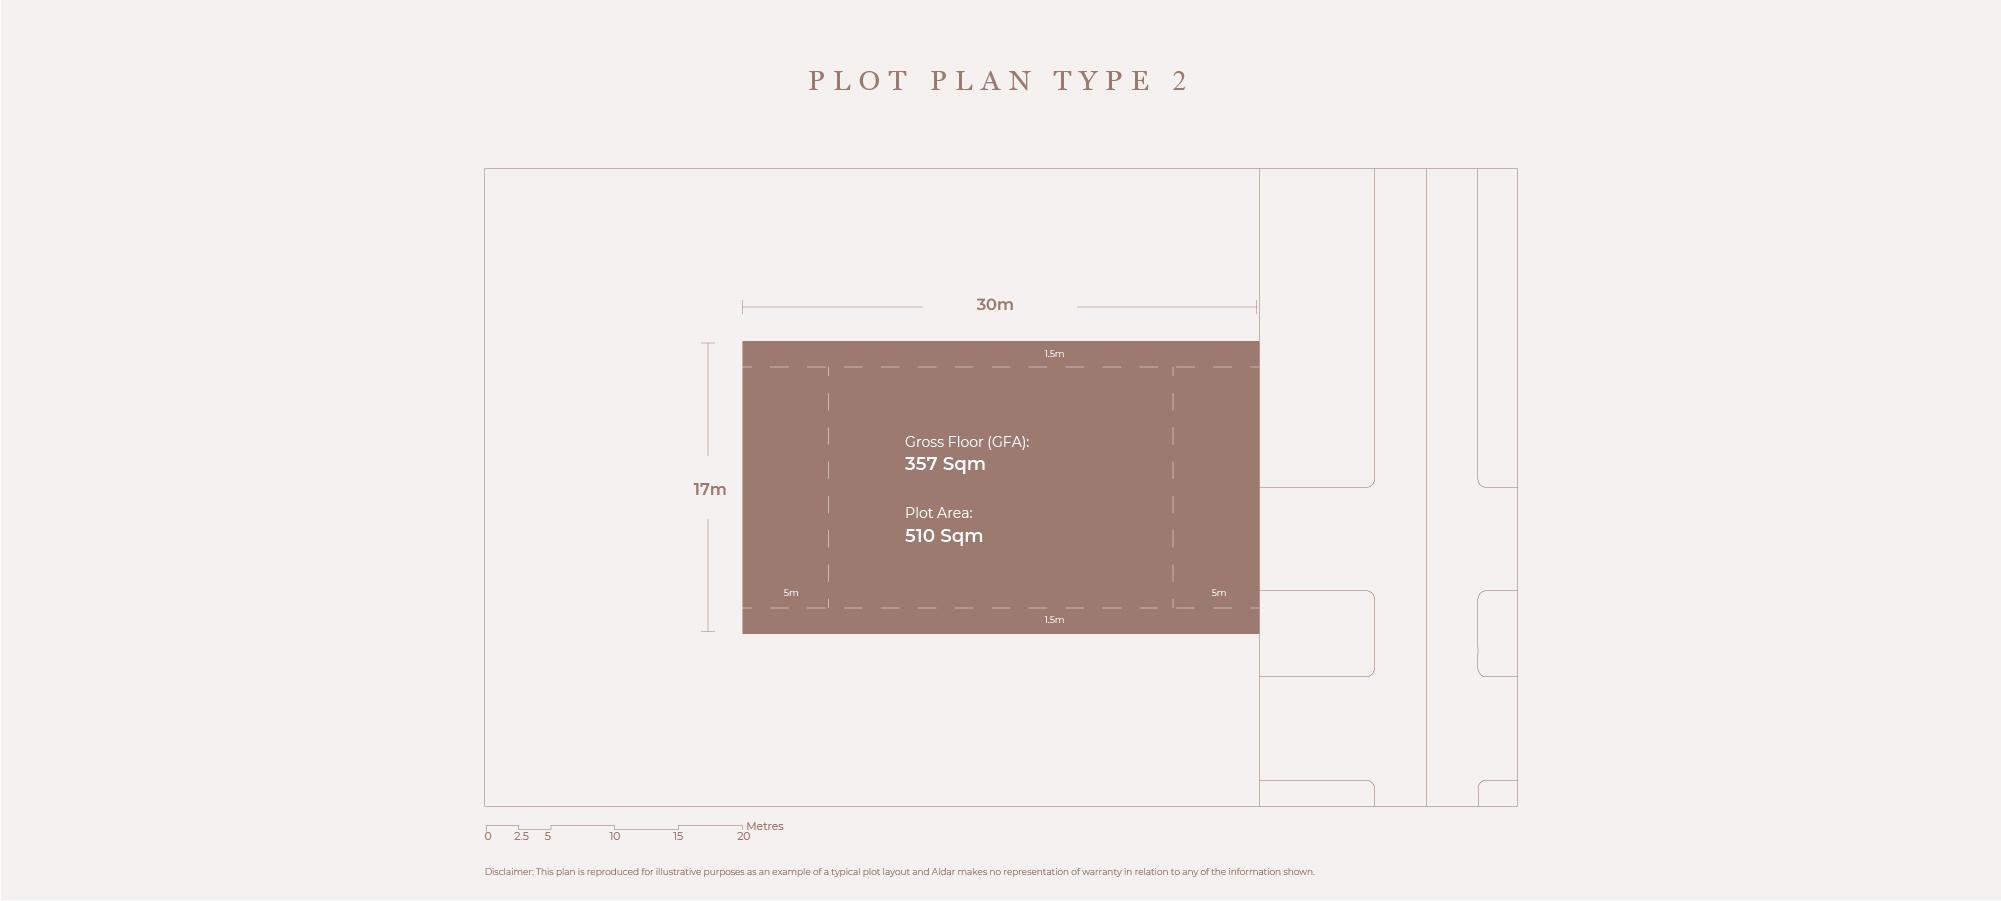 قطع أرض،  نوع الخطة 2، حجم 510 متر مربع